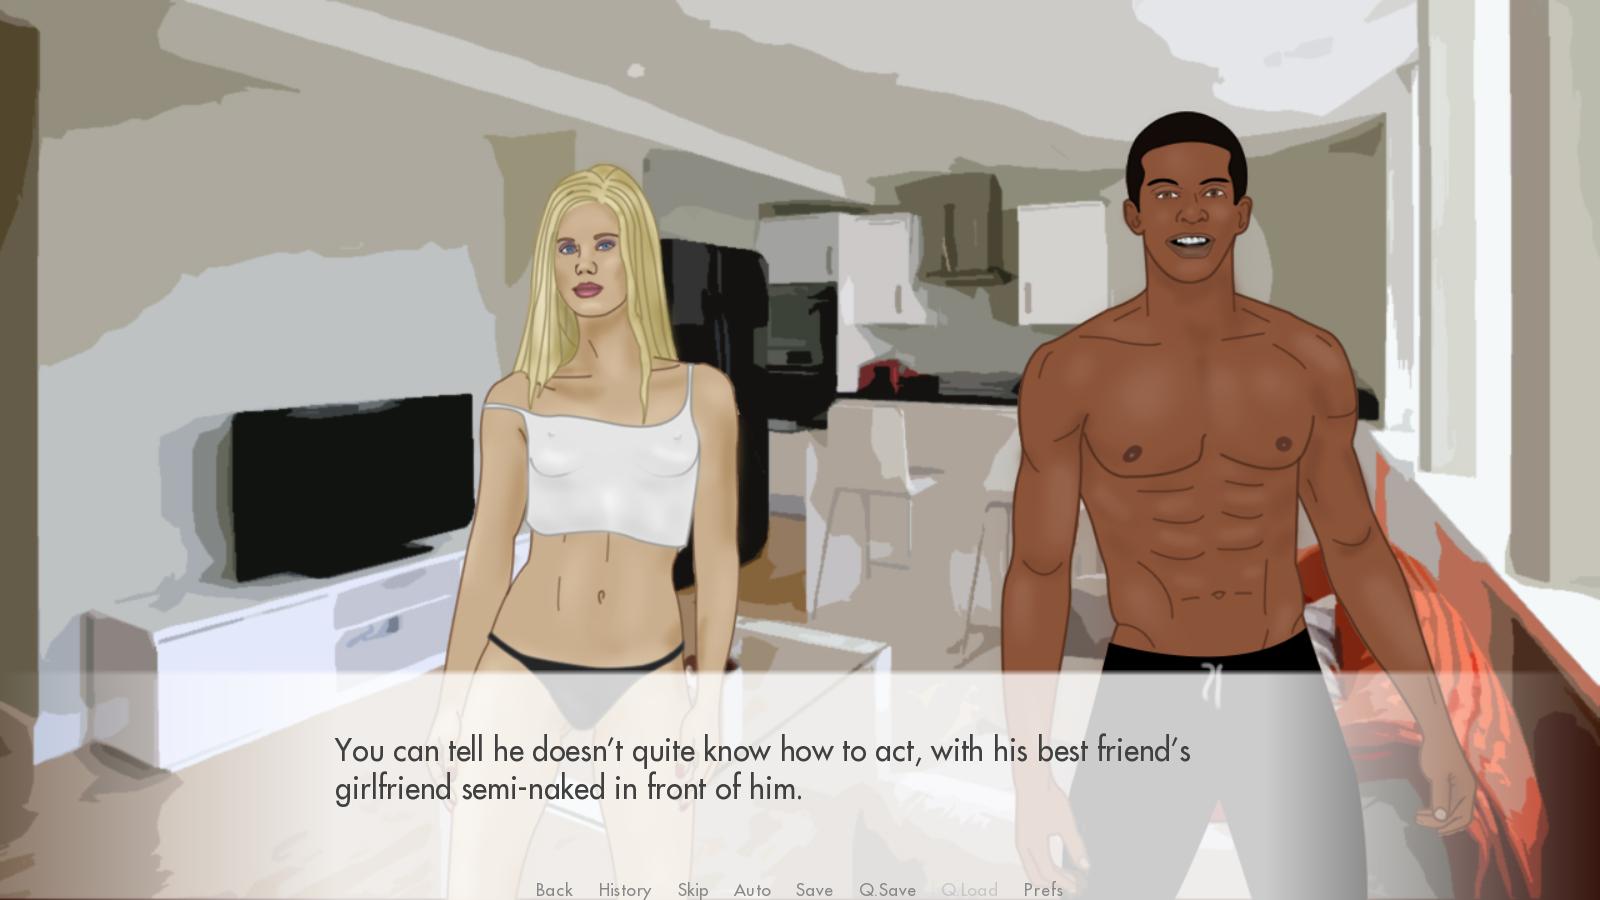 badoo com dating site